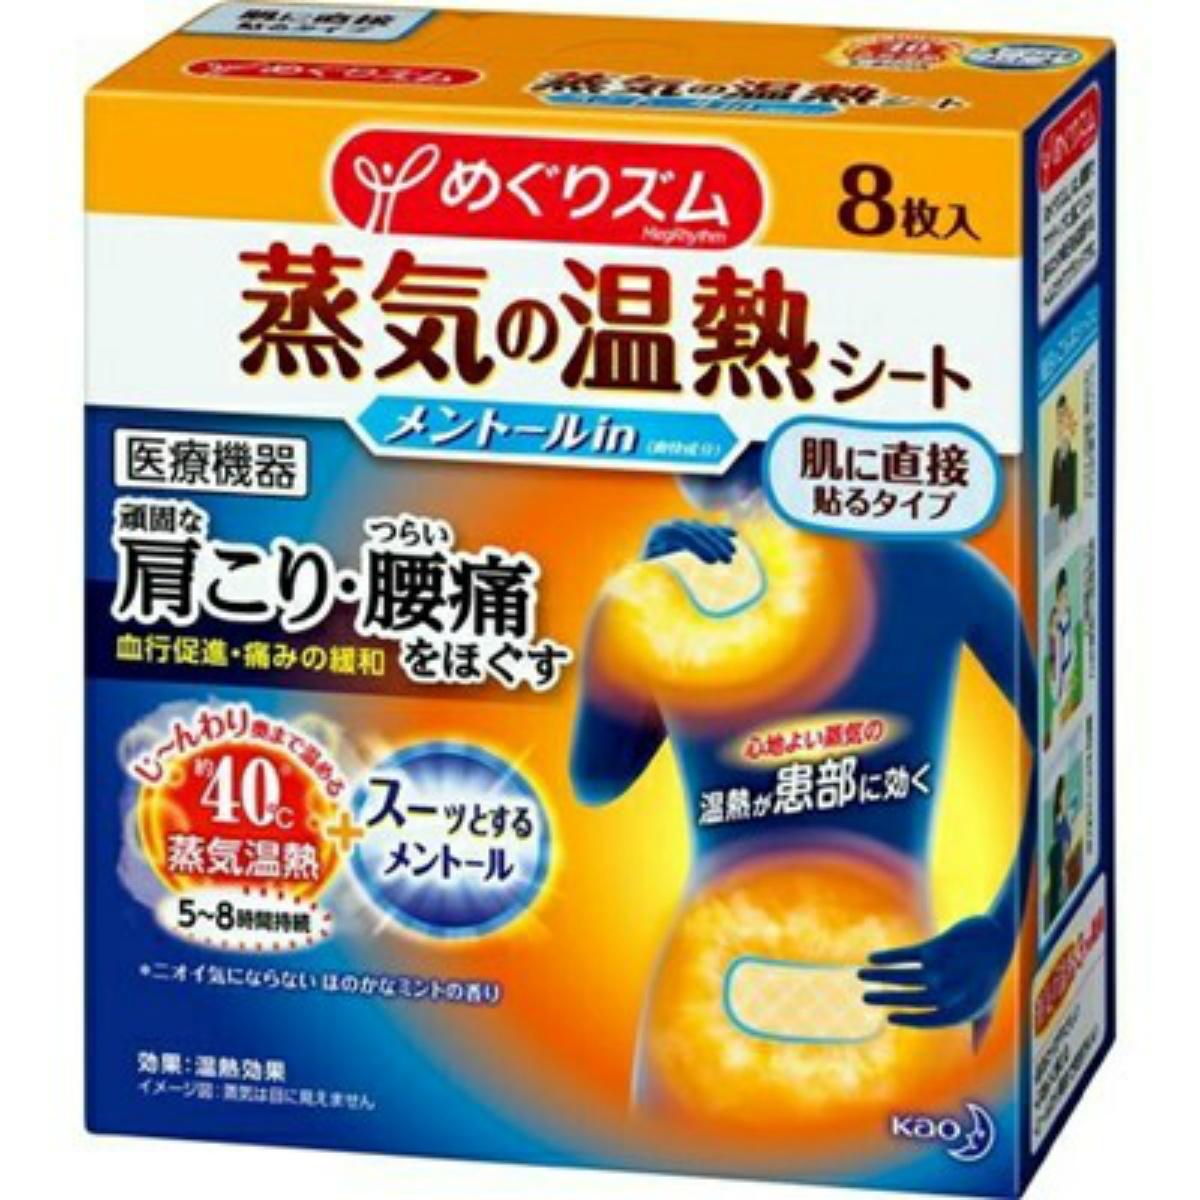 【送料無料・まとめ買い×24個セット】花王 めぐりズム 蒸気の温熱シート メントールin 8枚入